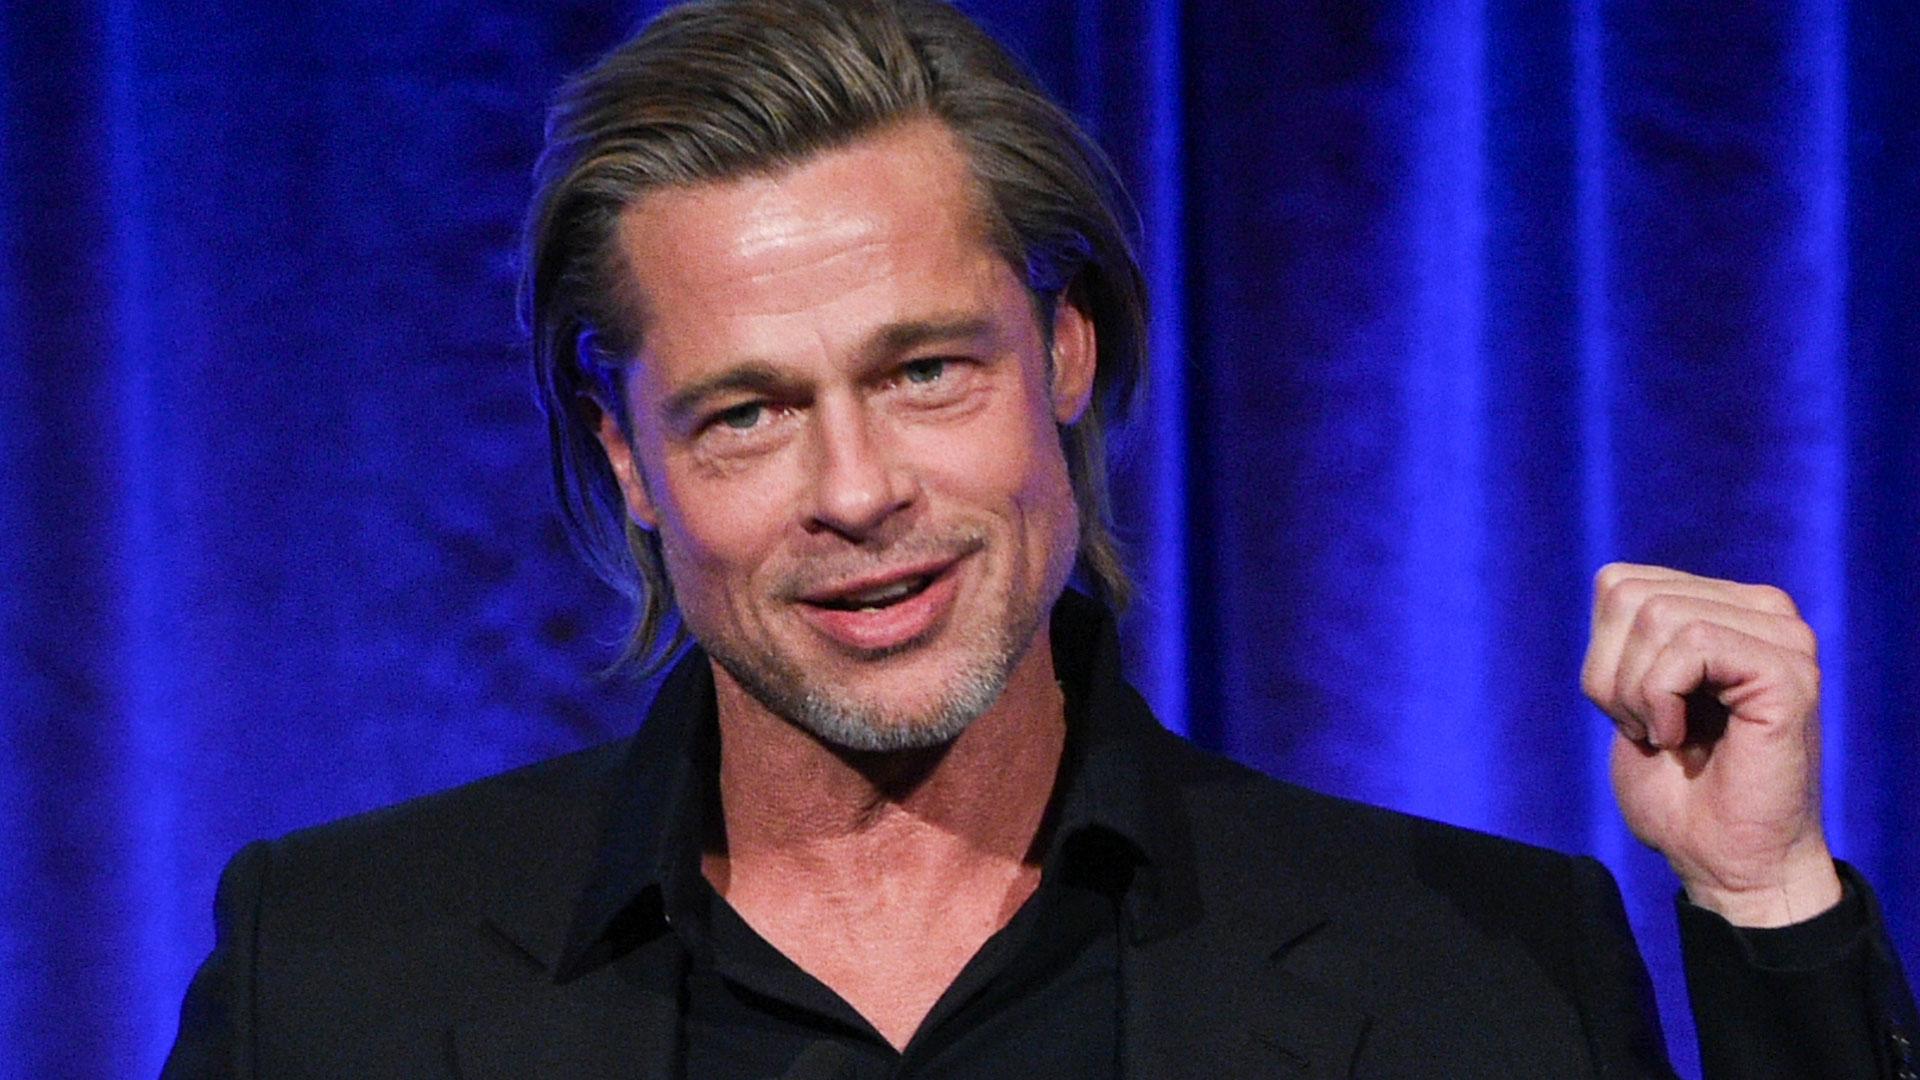 Brad Pitt revela quién lo ayudó a superar su adicción al alcohol